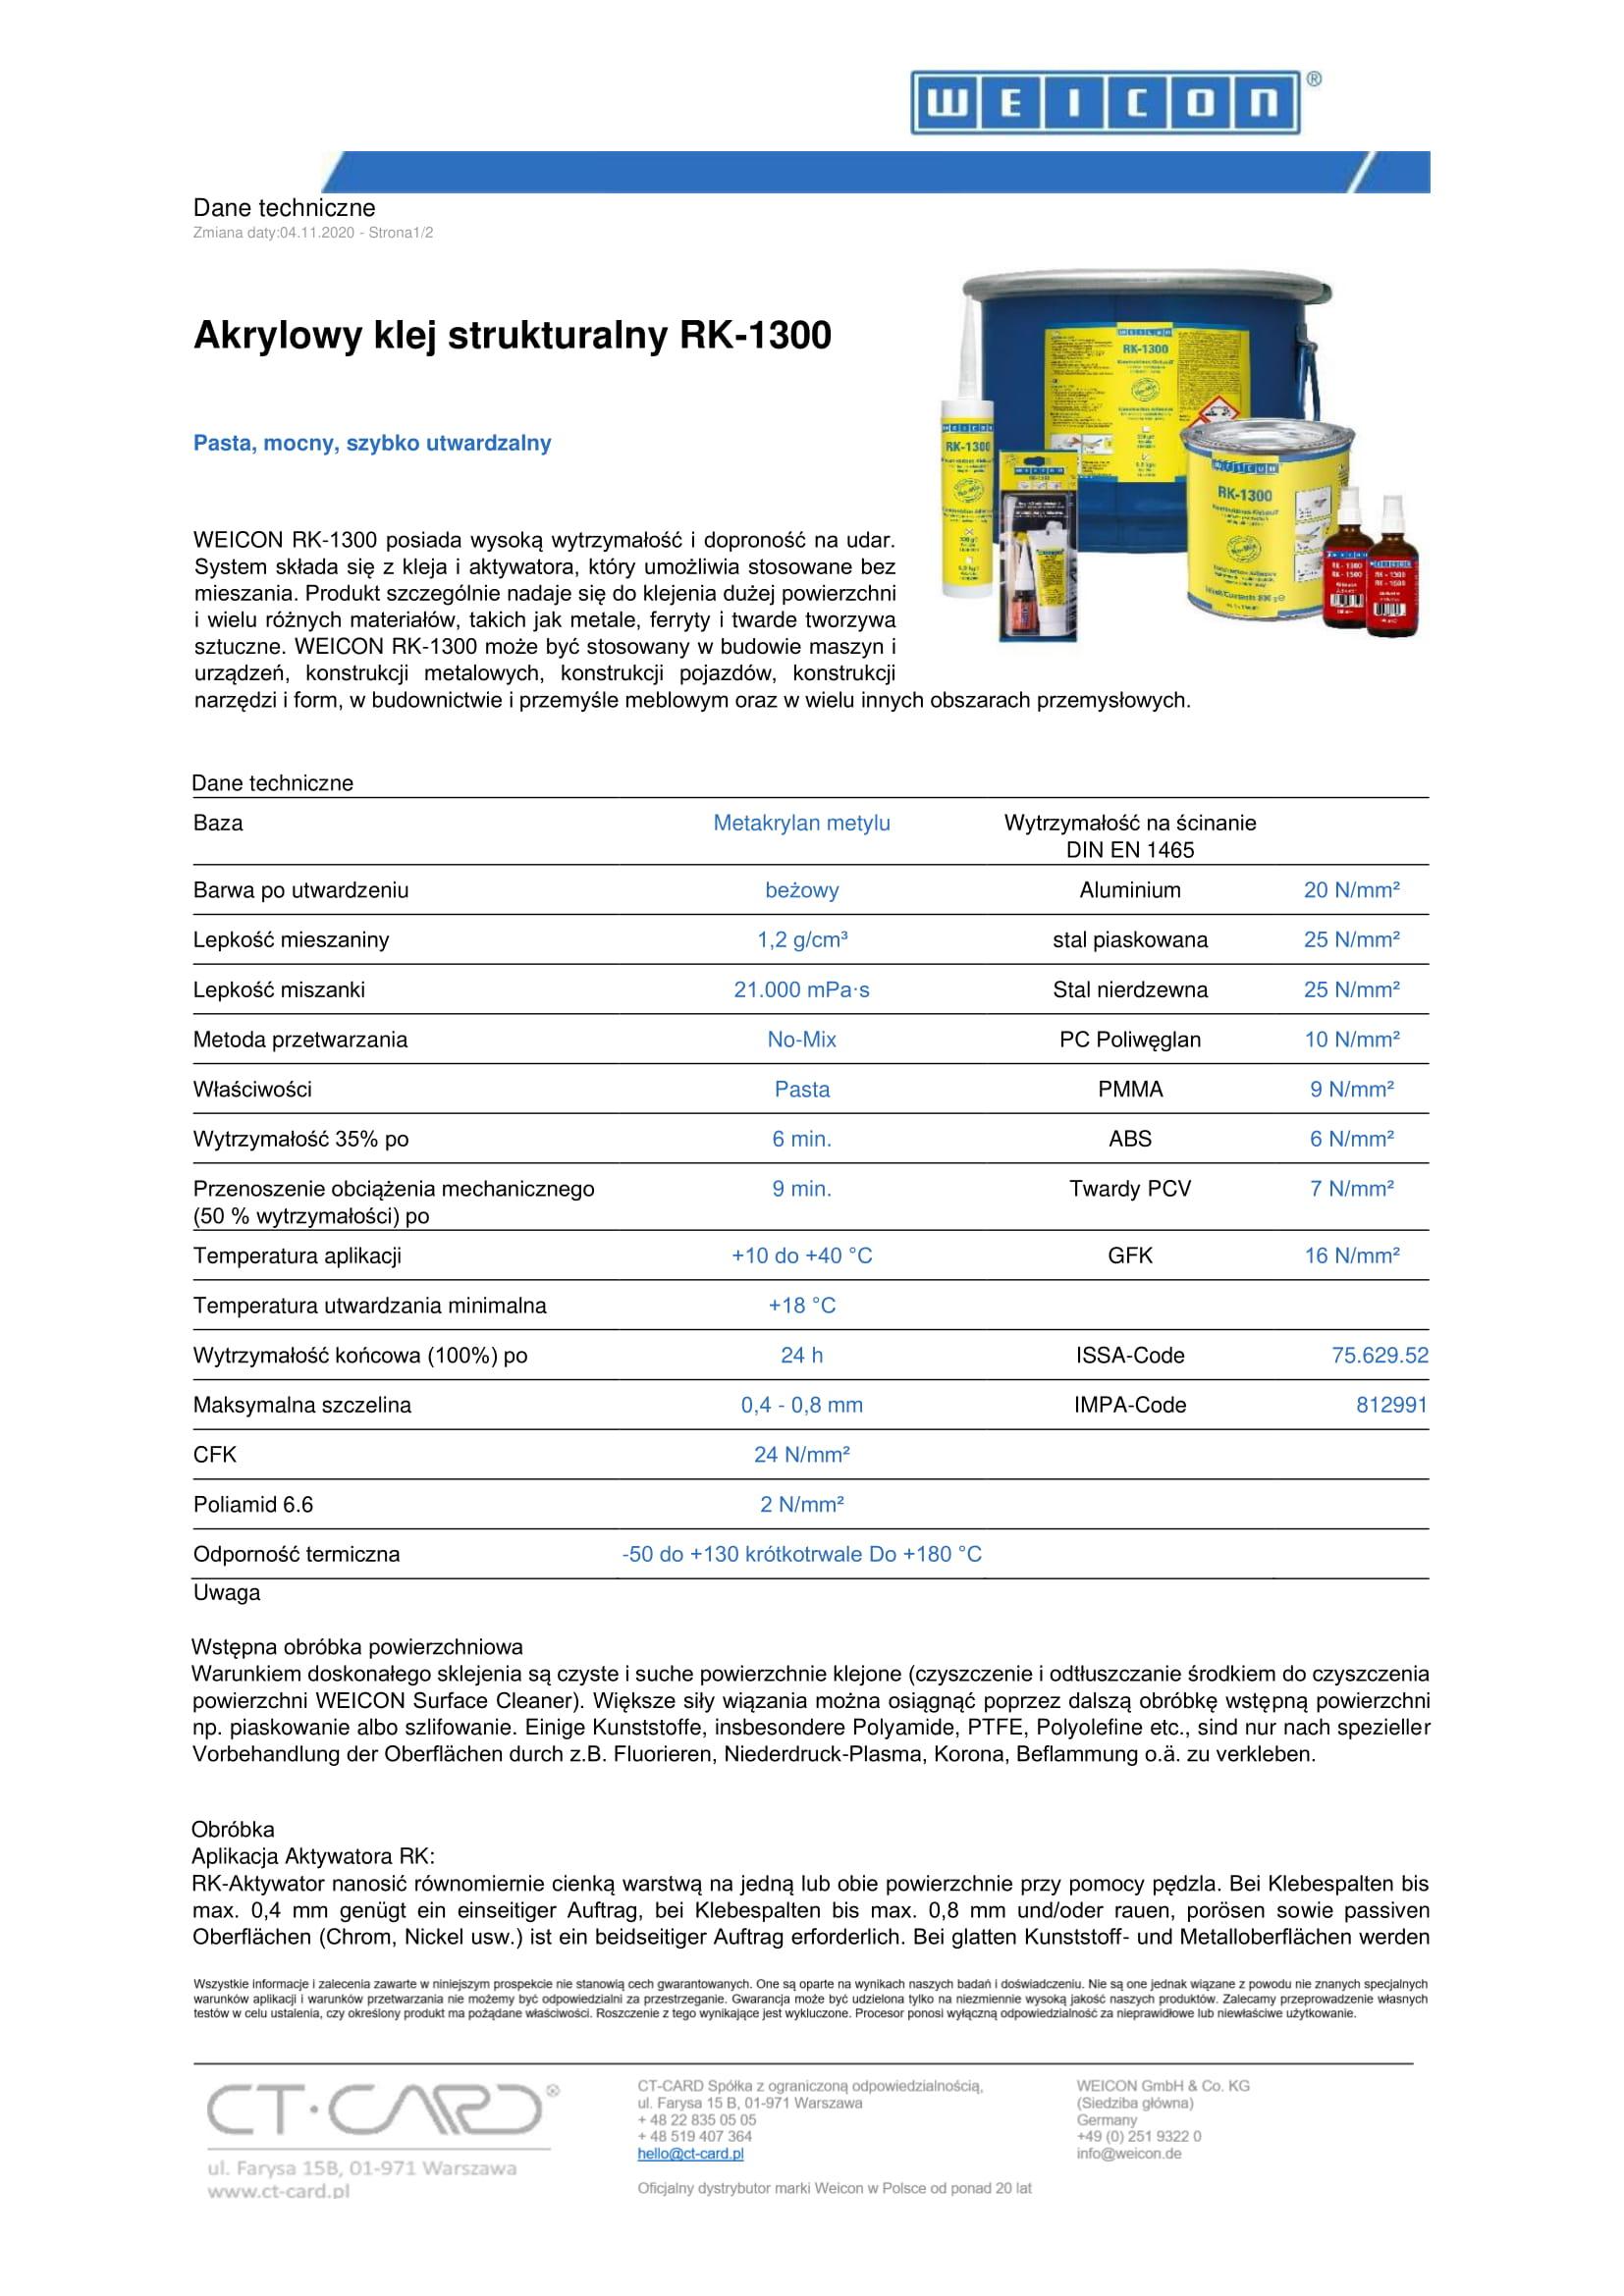 TDS_10560060_PL_Akrylowy_klej_strukturalny_RK-1300-1